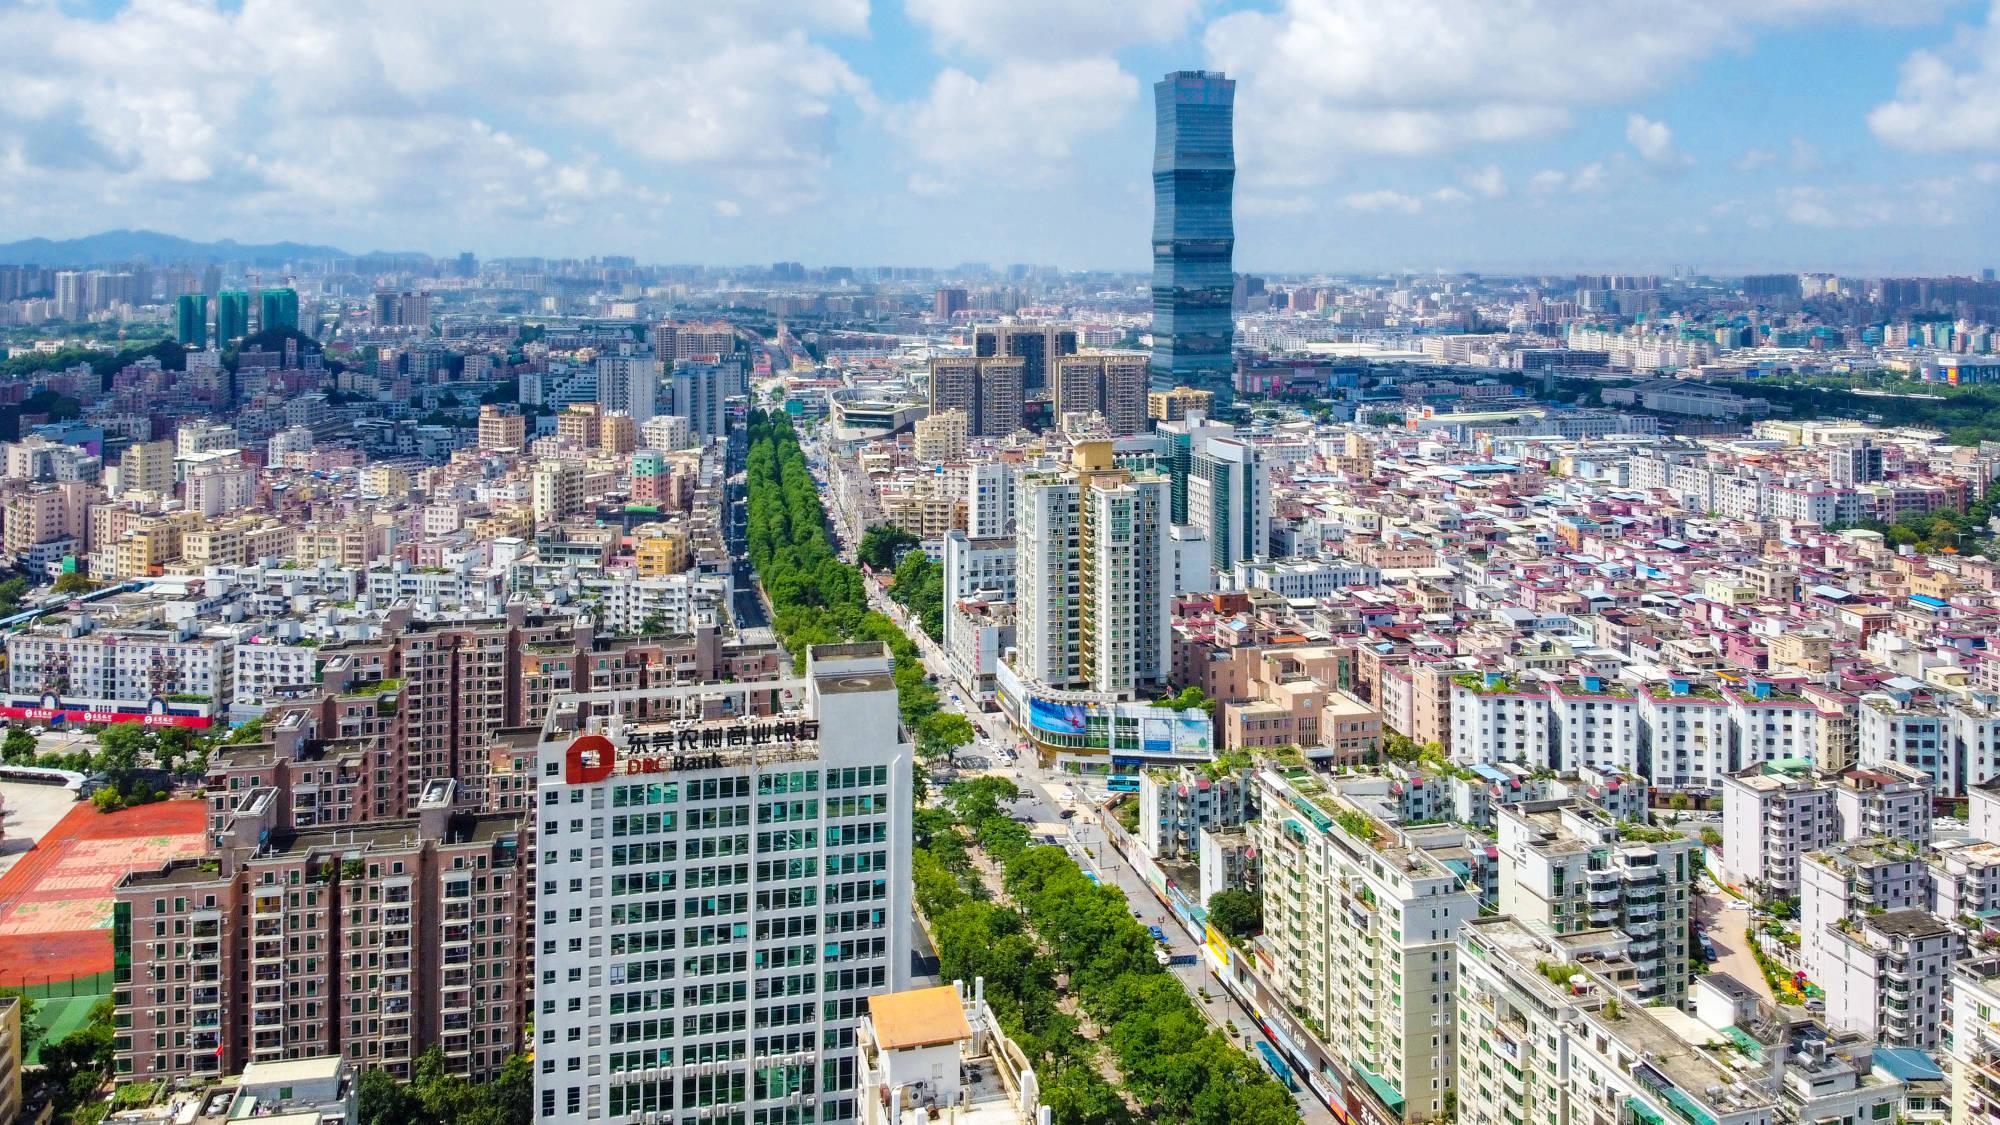 2017破万亿gdp城市_万亿gdp城市地图